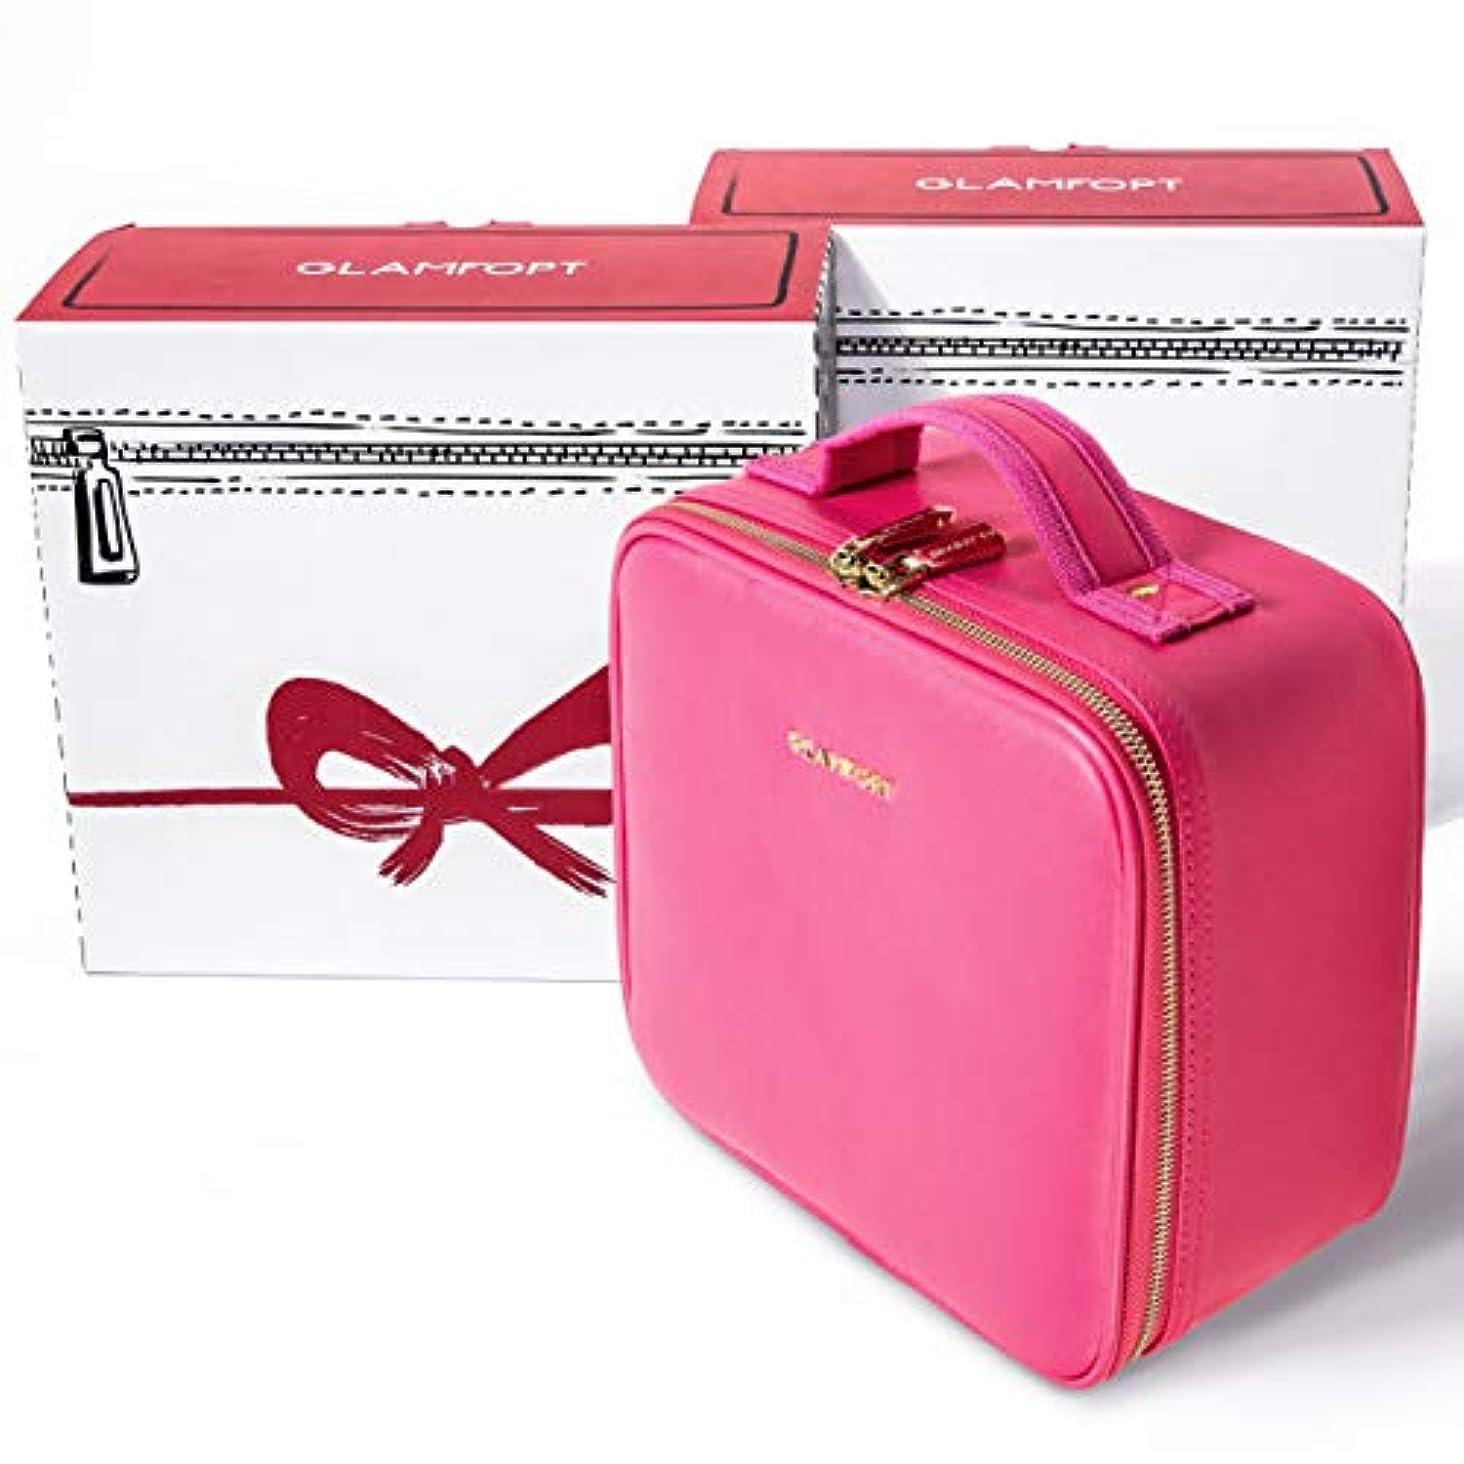 クラックポット付録楕円形コスメバック化粧ポーチコスメポーチローズレッドの高品質の旅行コスメポーチGLAMFORT